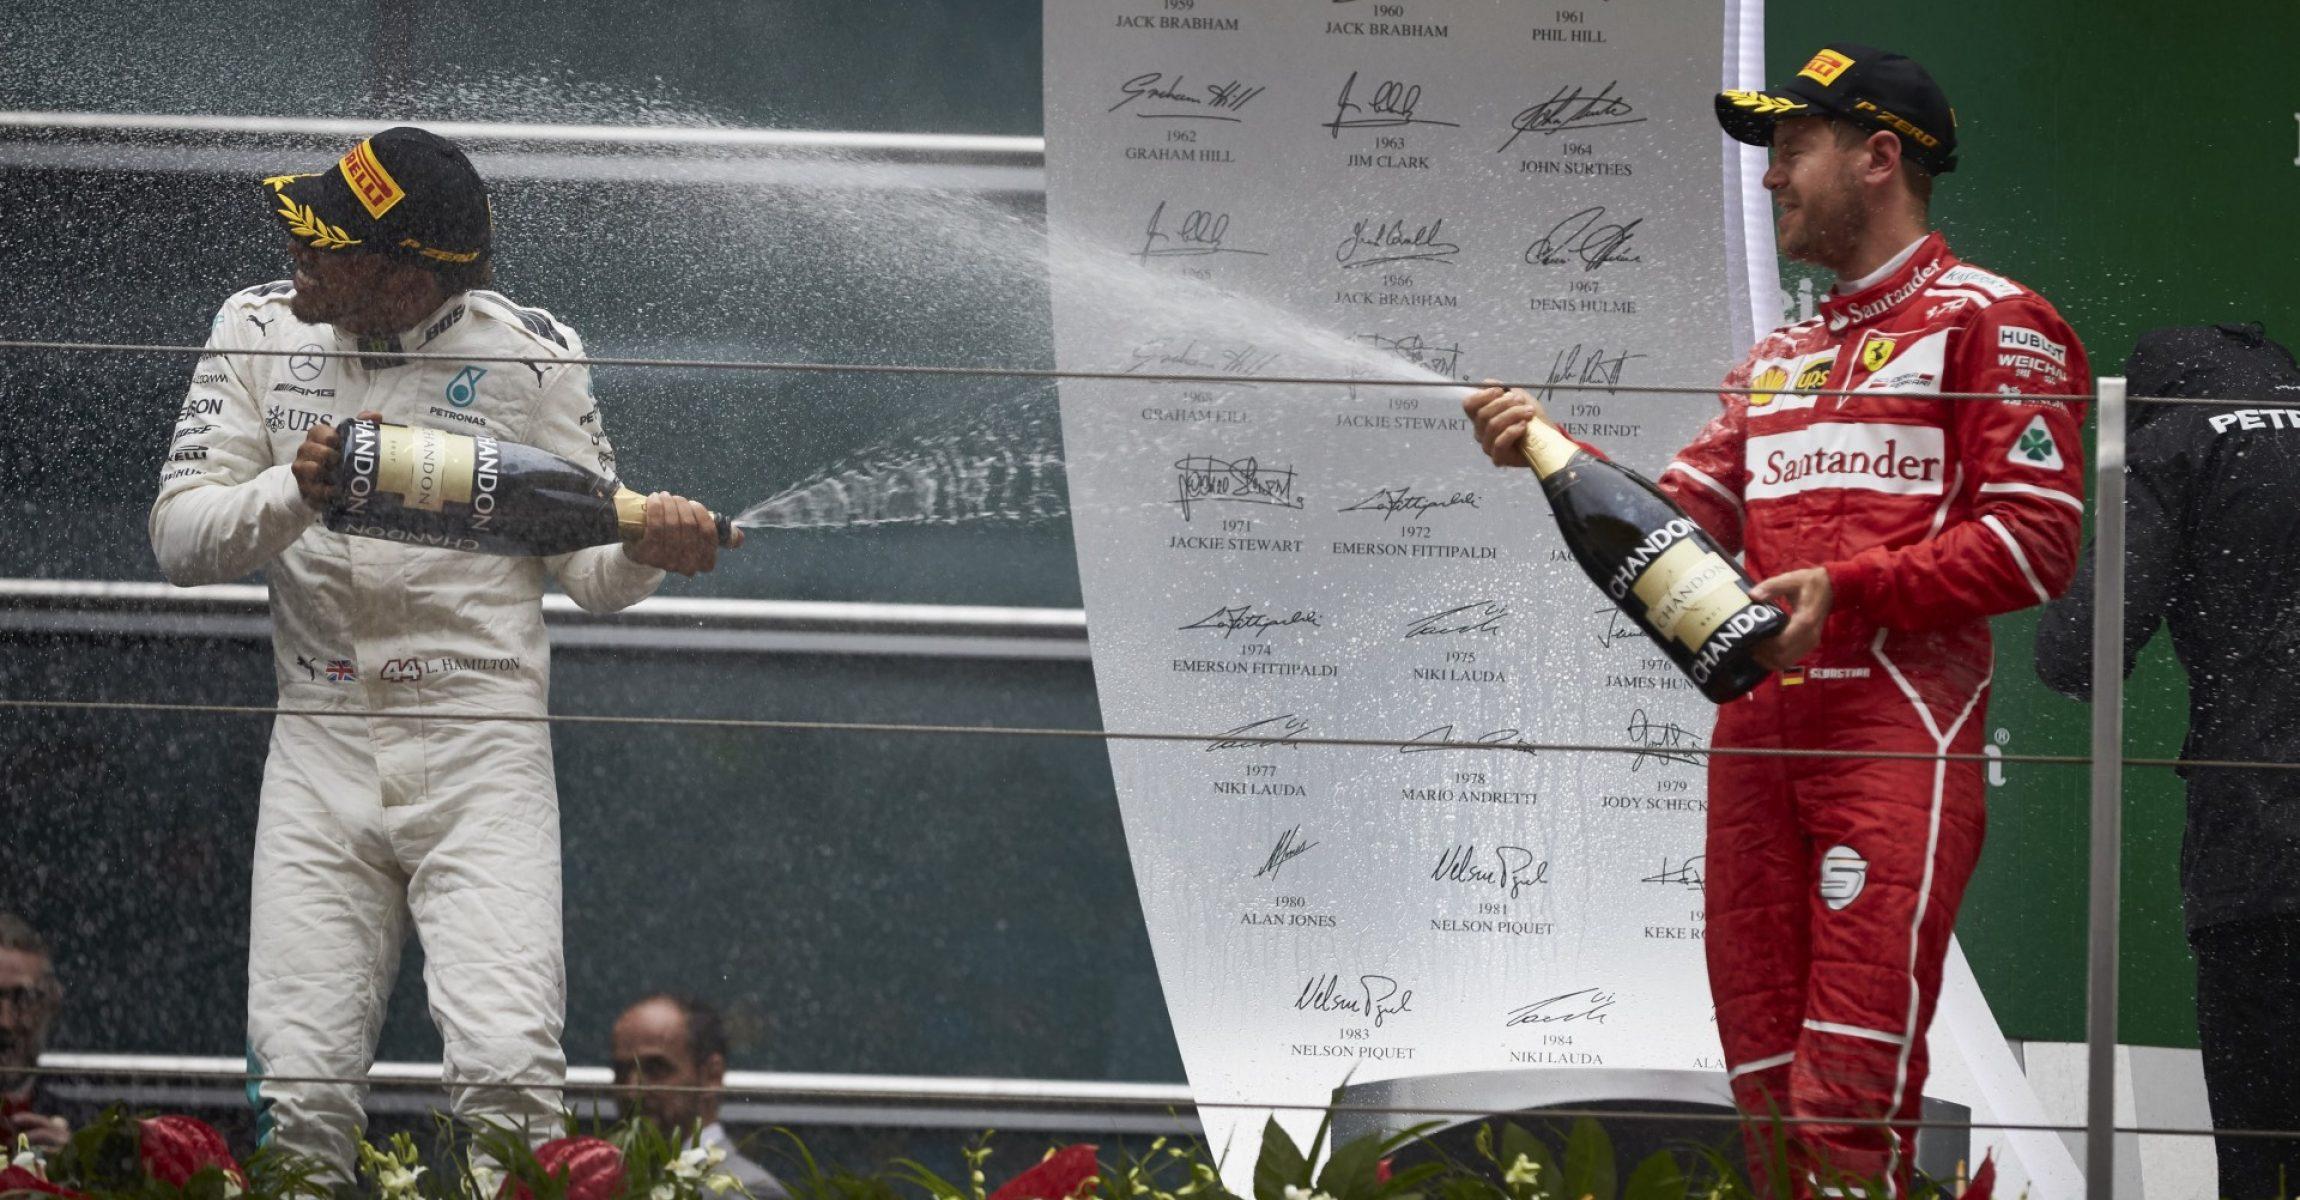 2017 Chinese Grand Prix, Sunday - Steve Etherington